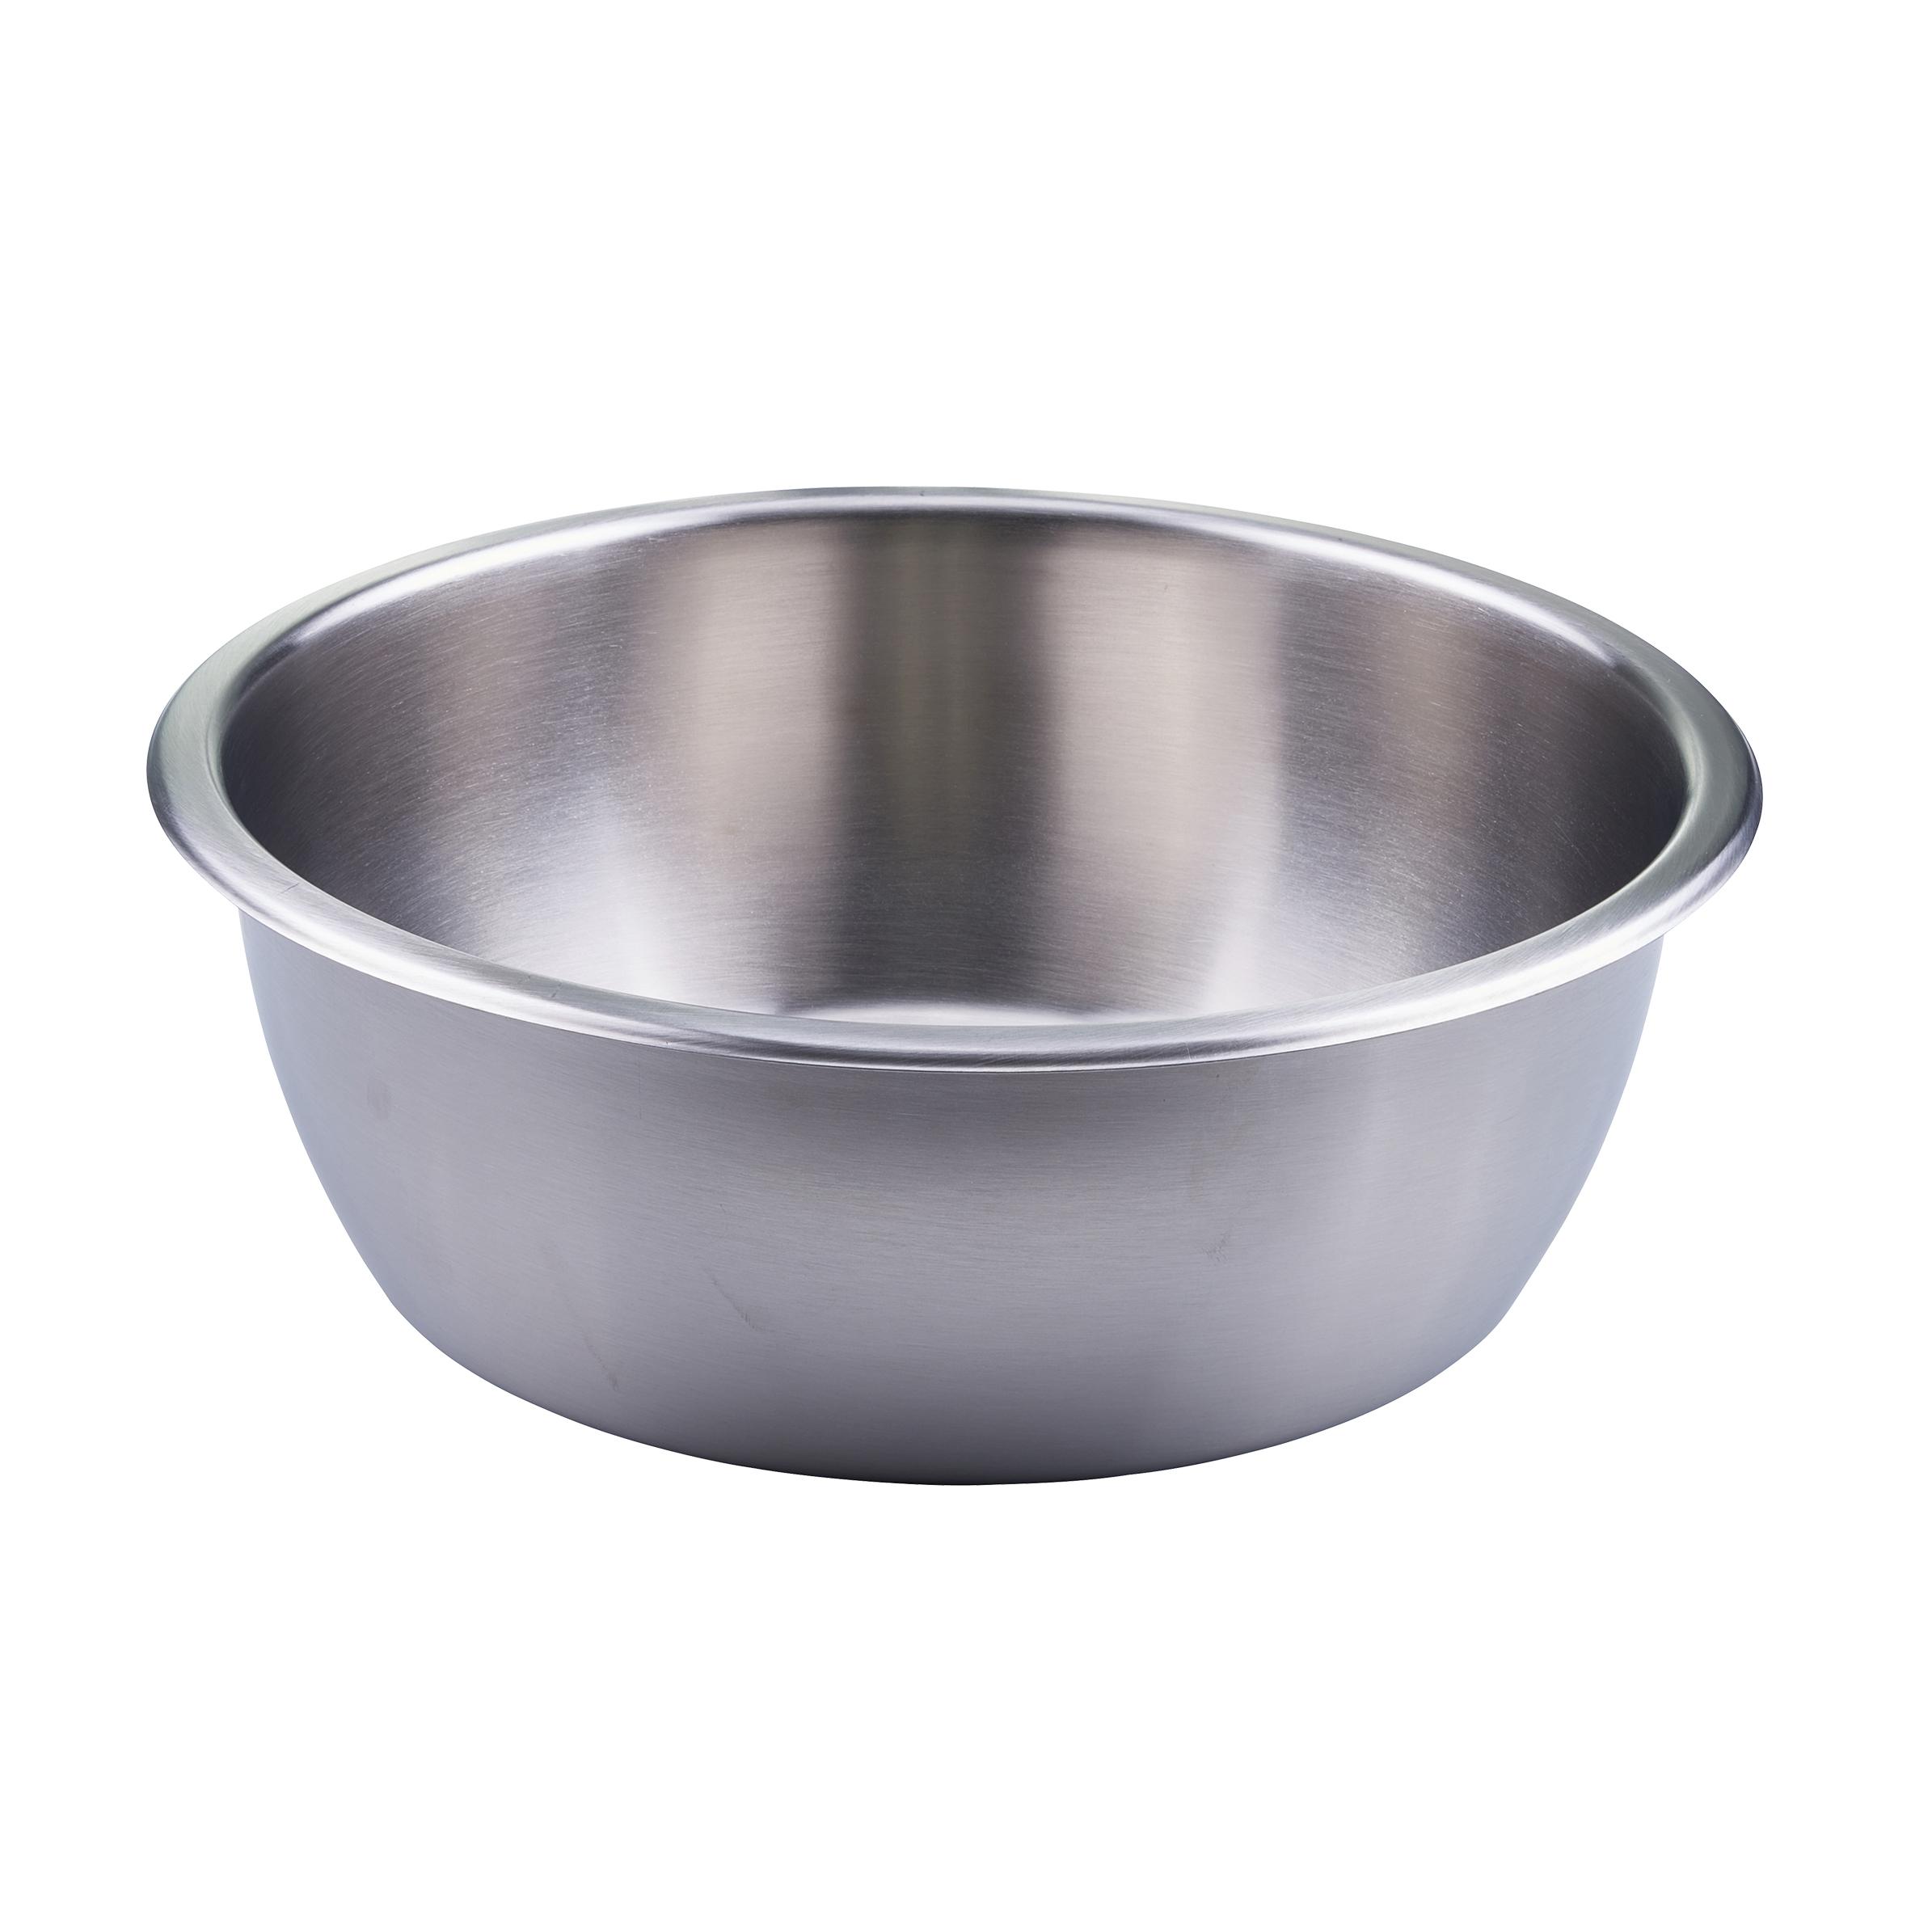 Winco 708-WP chafing dish pan